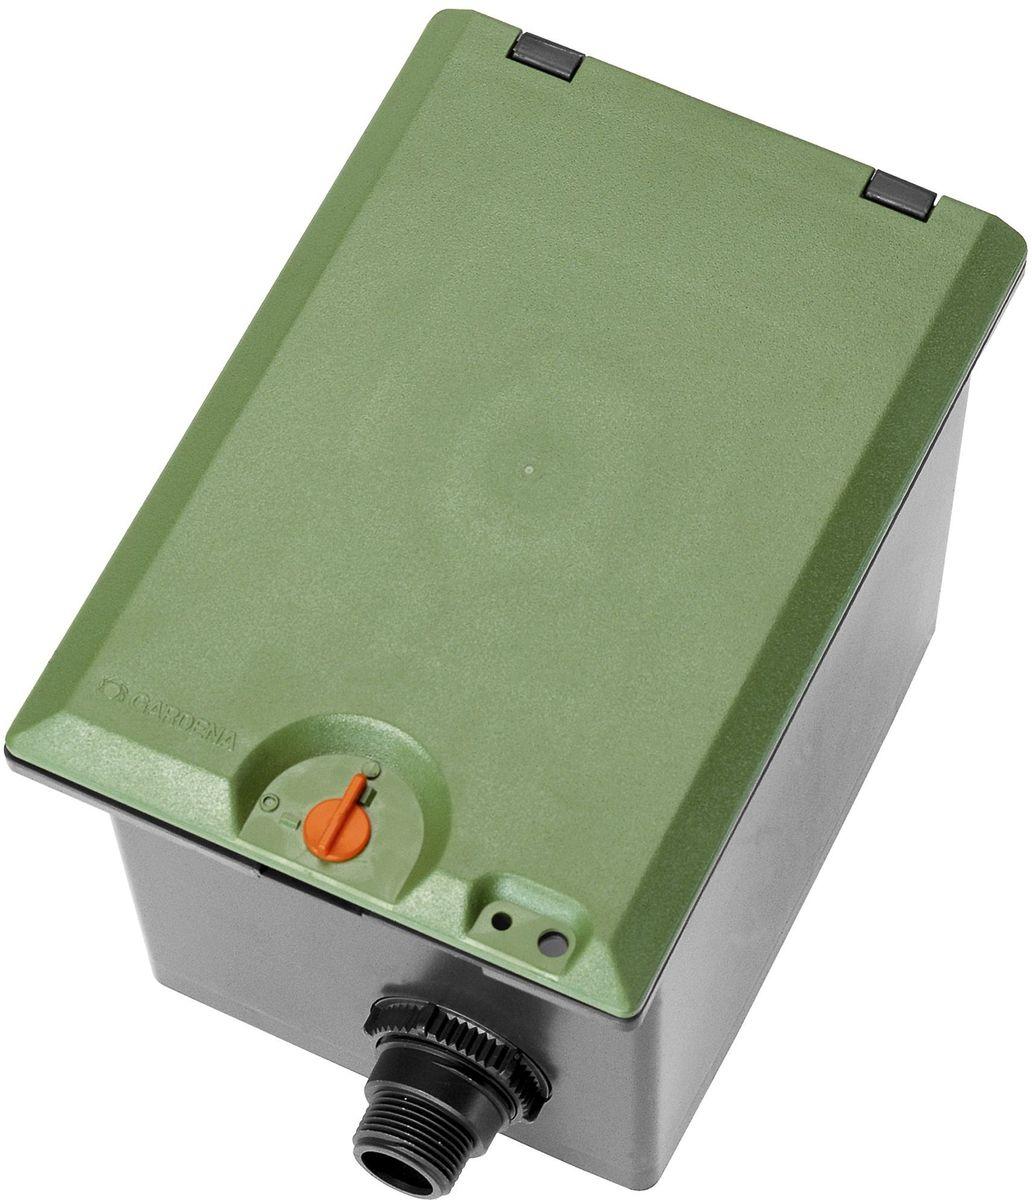 Коробка для клапана Gardena, для полива V1, наружная резьба 1106-026Коробка для клапана Gardena используется для подземной установки клапана для полива V1. Легко подключается с помощью телескопического резьбового соединения. Механизм блокировки на крышке предотвращает травмы детей. Устройство имеет наружную резьбу G1.